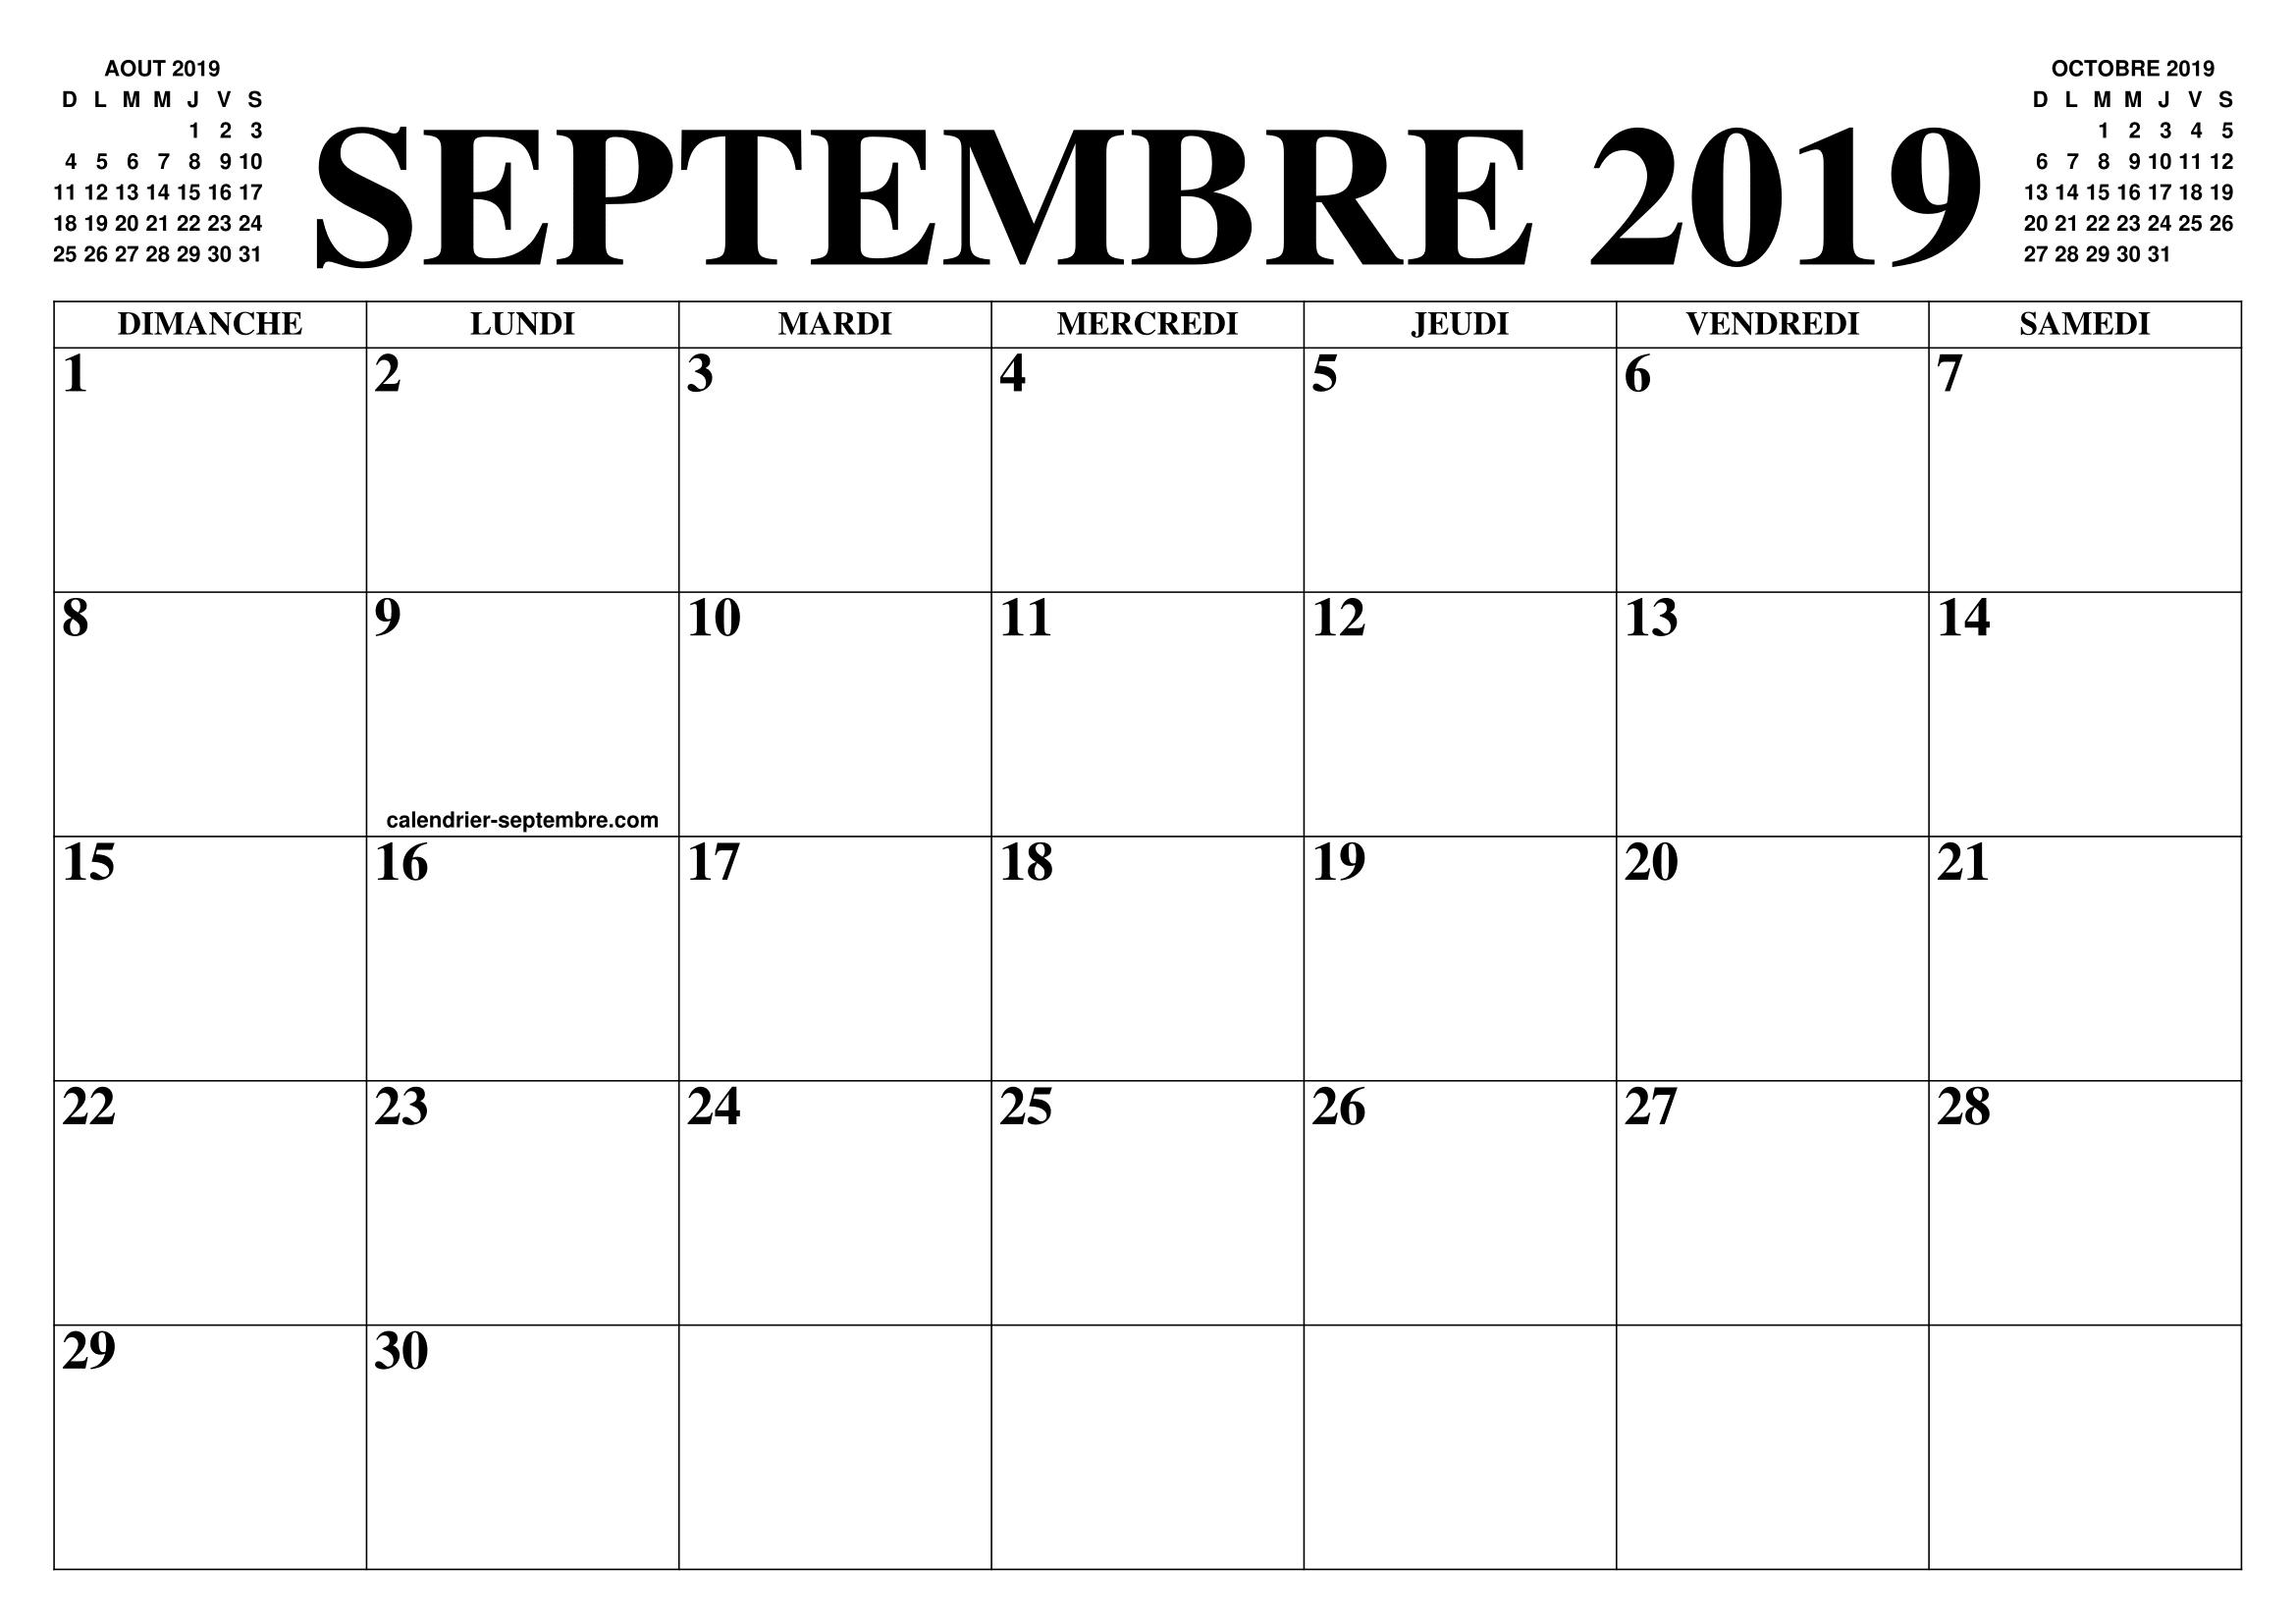 Calendrier Mois De Septembre.Calendrier Septembre 2019 2020 Le Calendrier Du Mois De